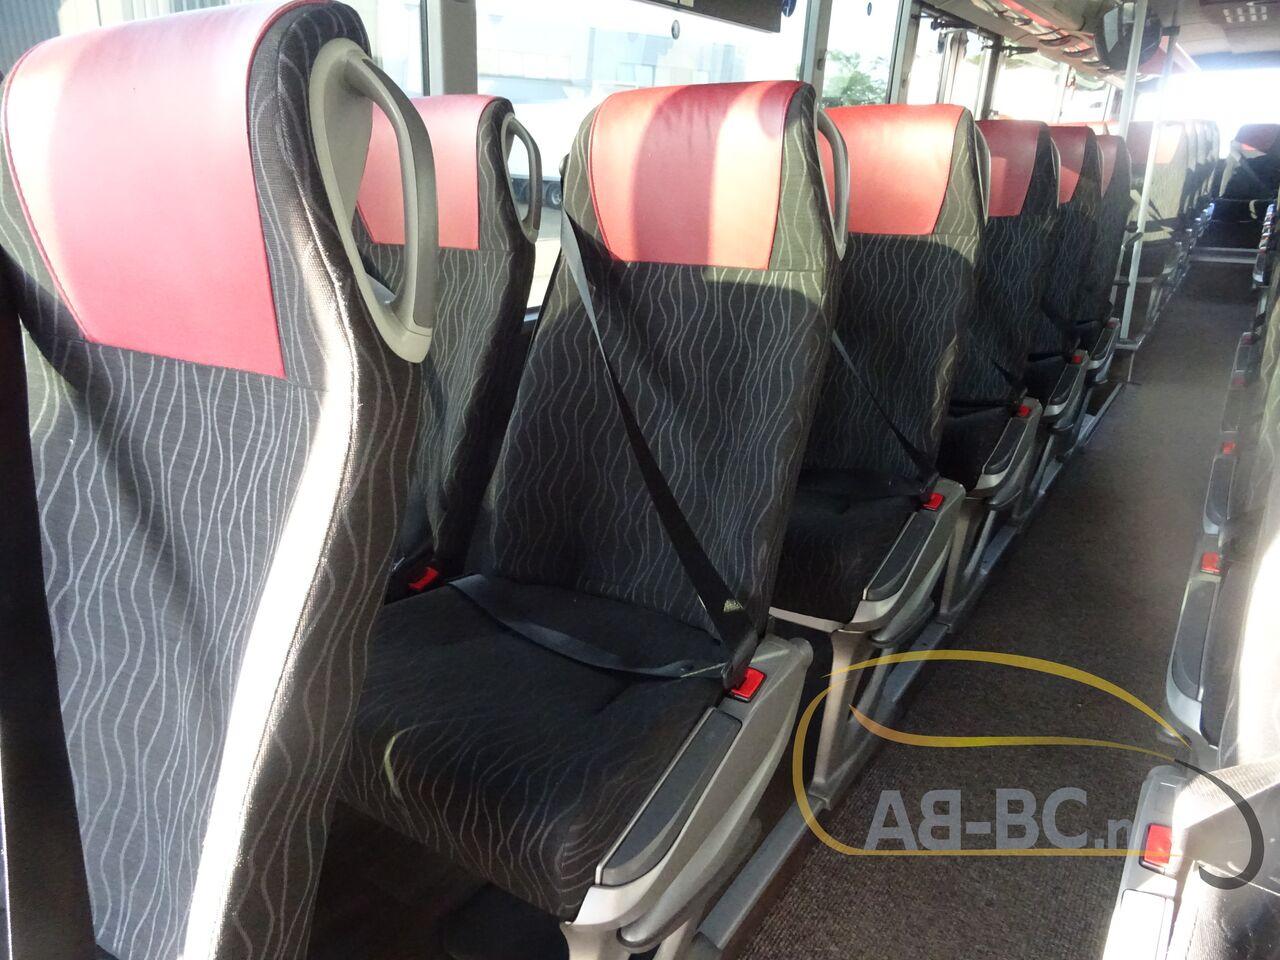 coach-bus-SETRA-S415H-52-Seats-EURO-6-Liftbus---1630913391920548624_big_c426106d4c1e6d708d3be5cb82a393cb--21070517141280735500